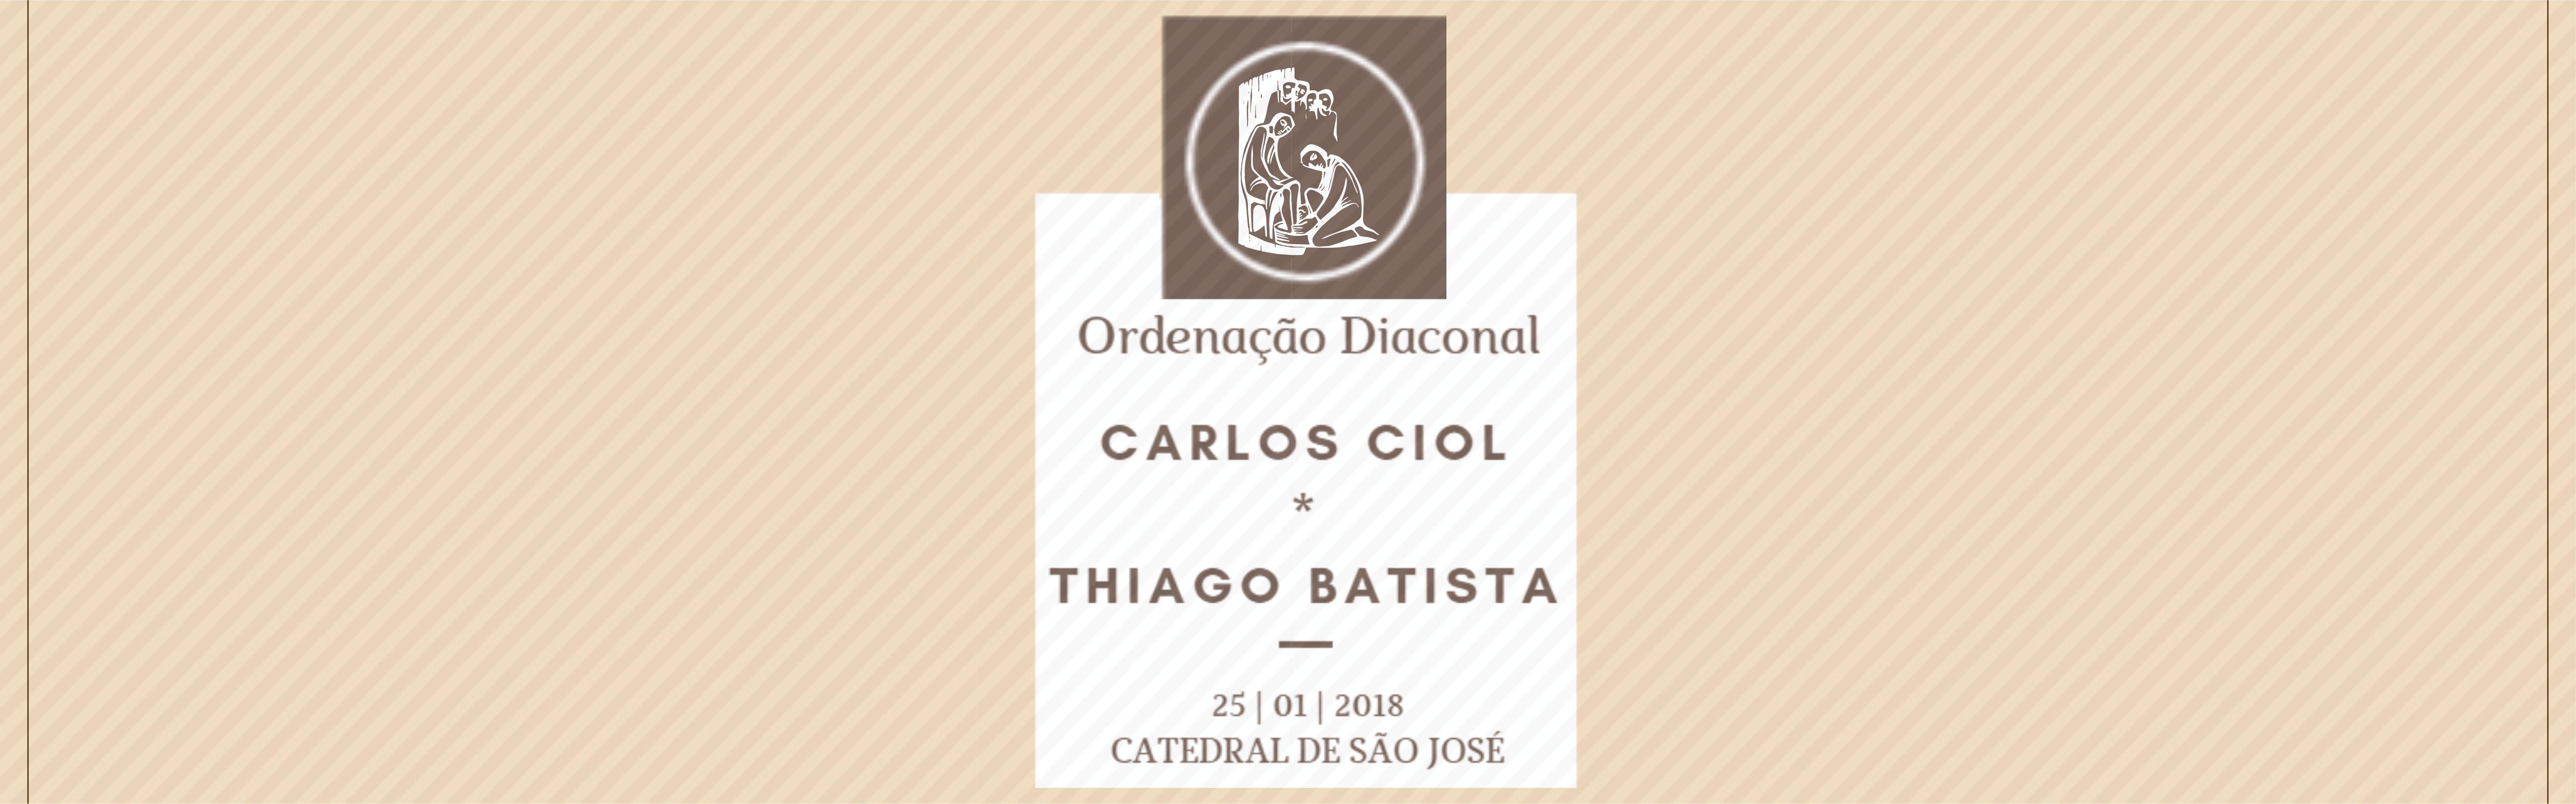 ORDENAÇÃO-DIACONAL_site